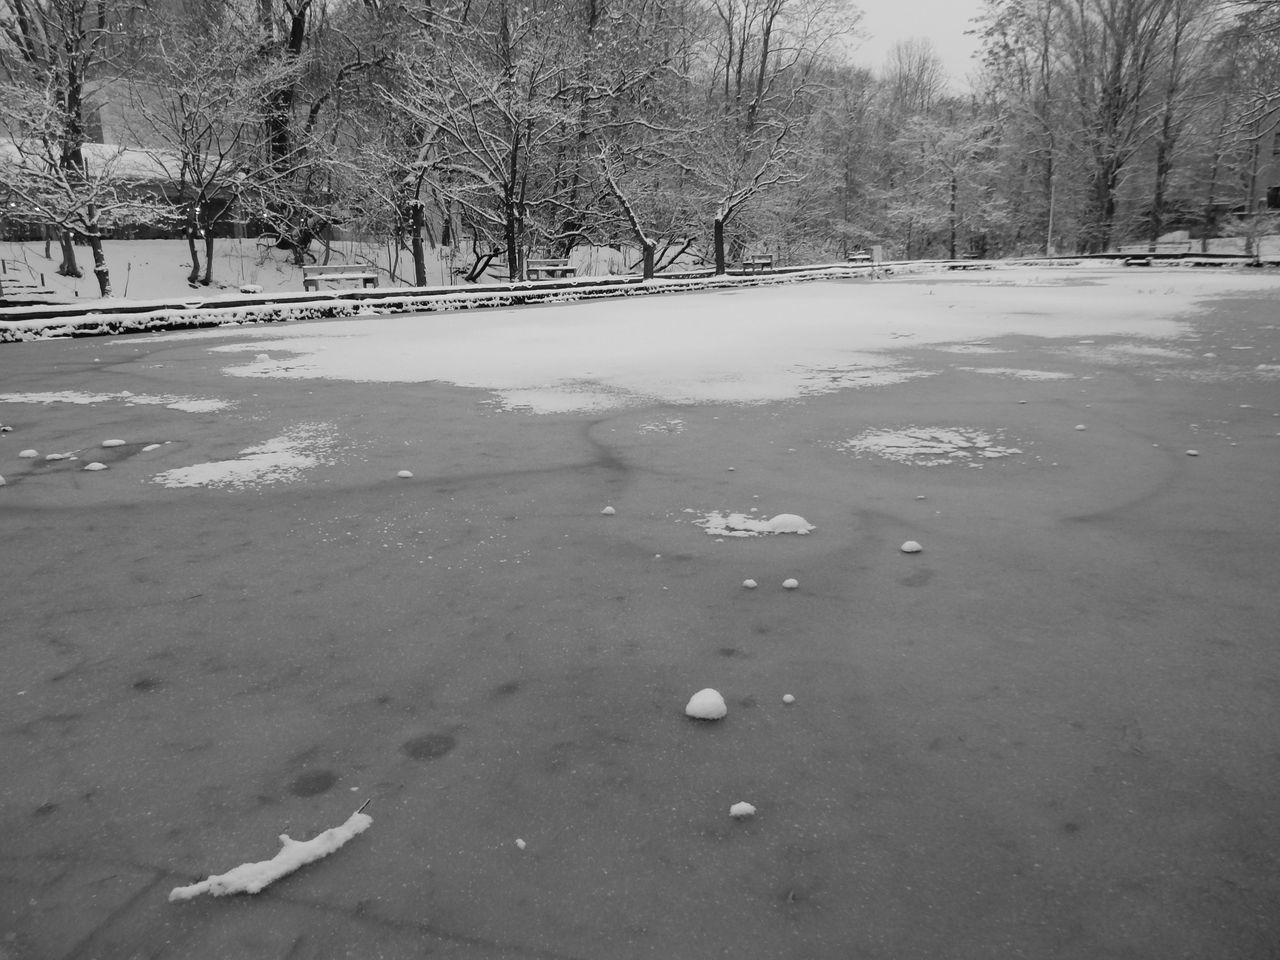 冬景色のキャンパス_c0025115_21441781.jpg